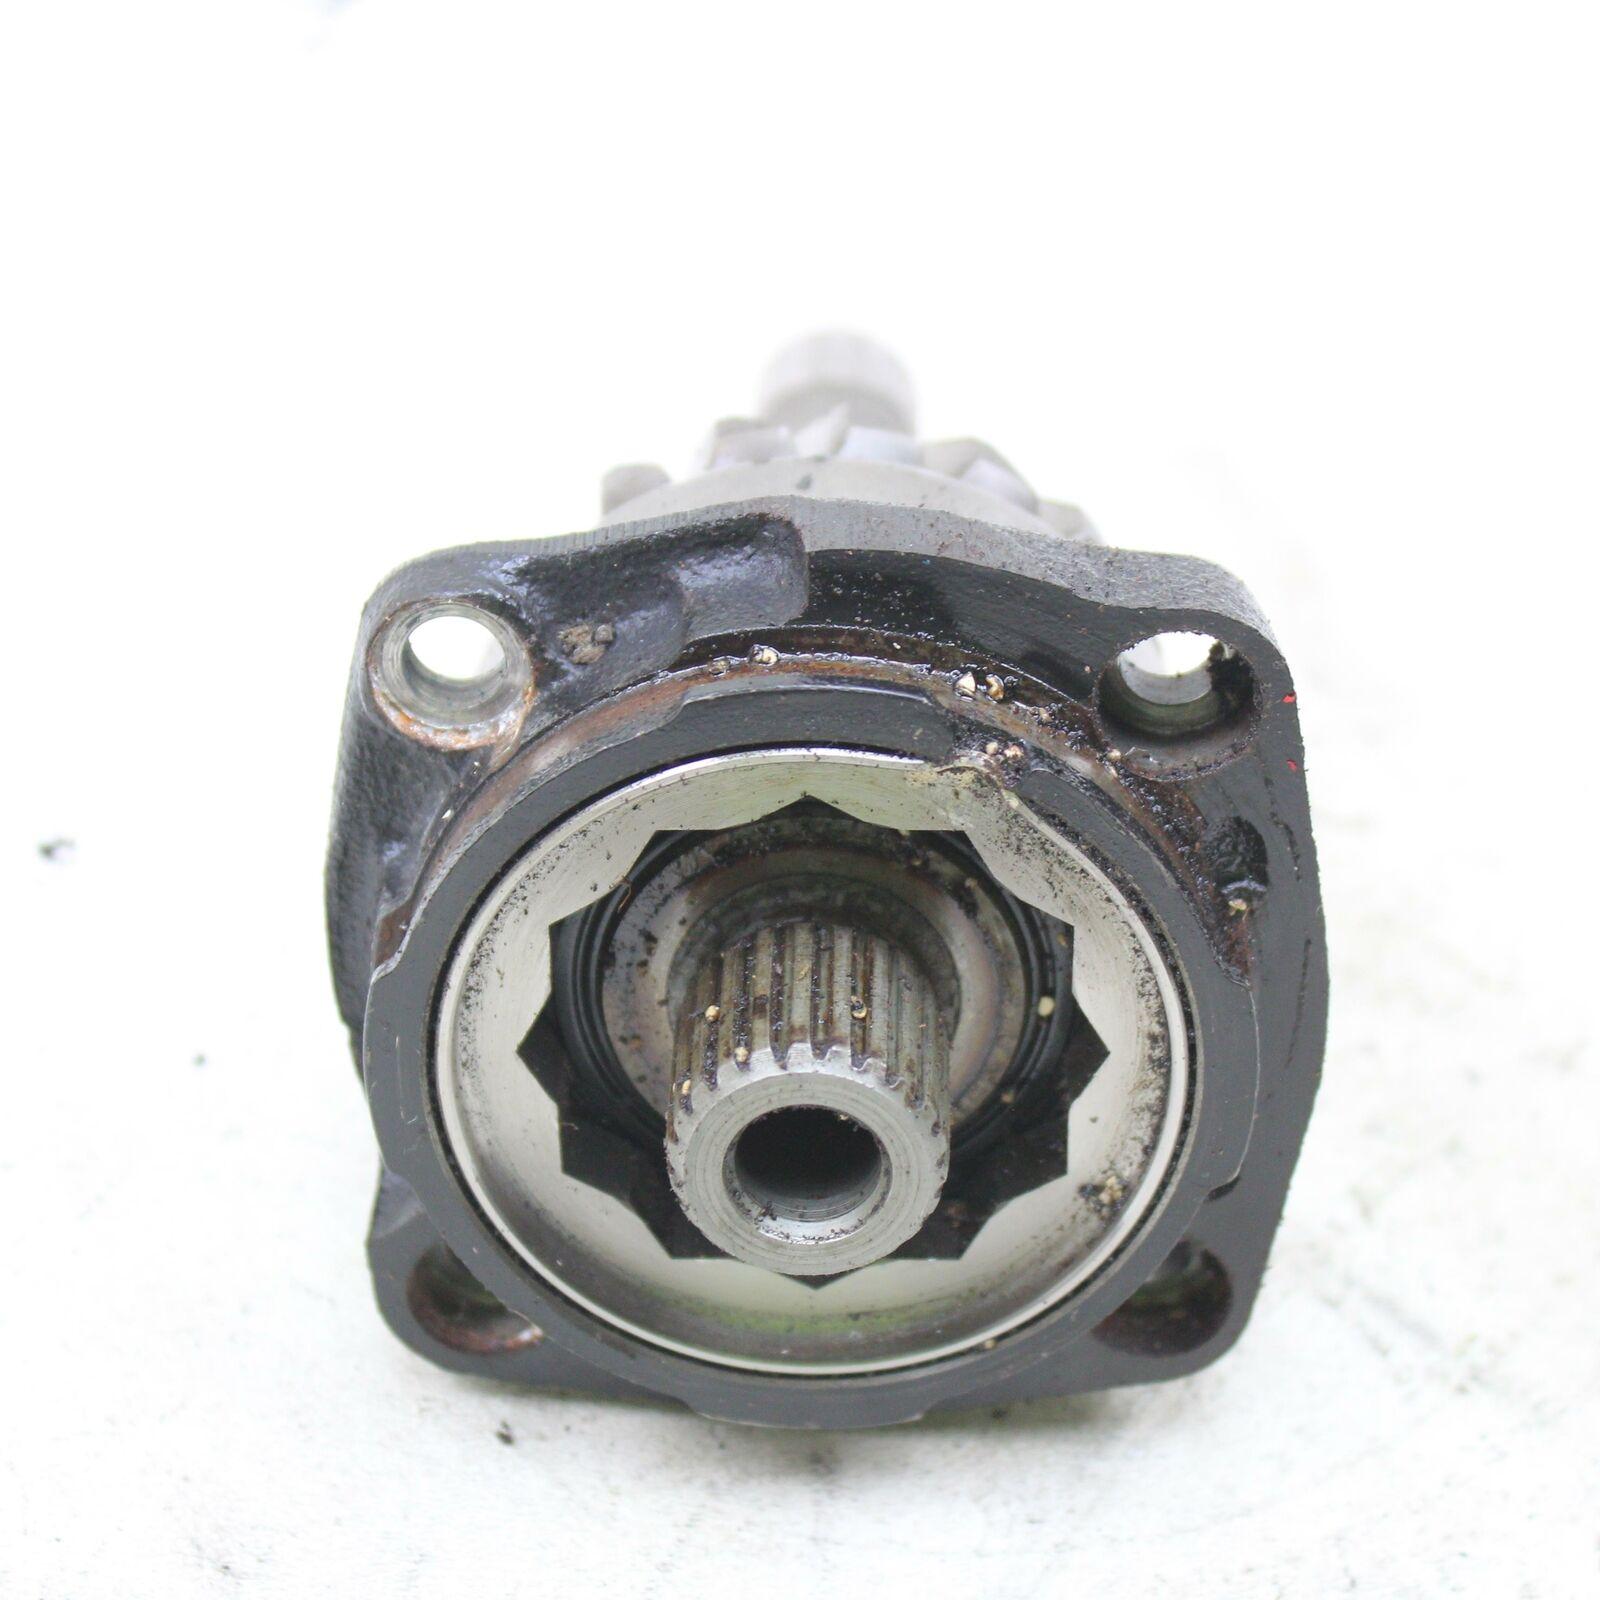 Intruder VS 800 Kit K/ühlerabdeckung S-0186 Motorradzubeh/ör De Pretto Moto - 100/% Made in Italy - K/ühlergrill K/ühlerschutz K/ühlergitter K/ühlerverkleidung DPM Race Stahl FE360 e Inox